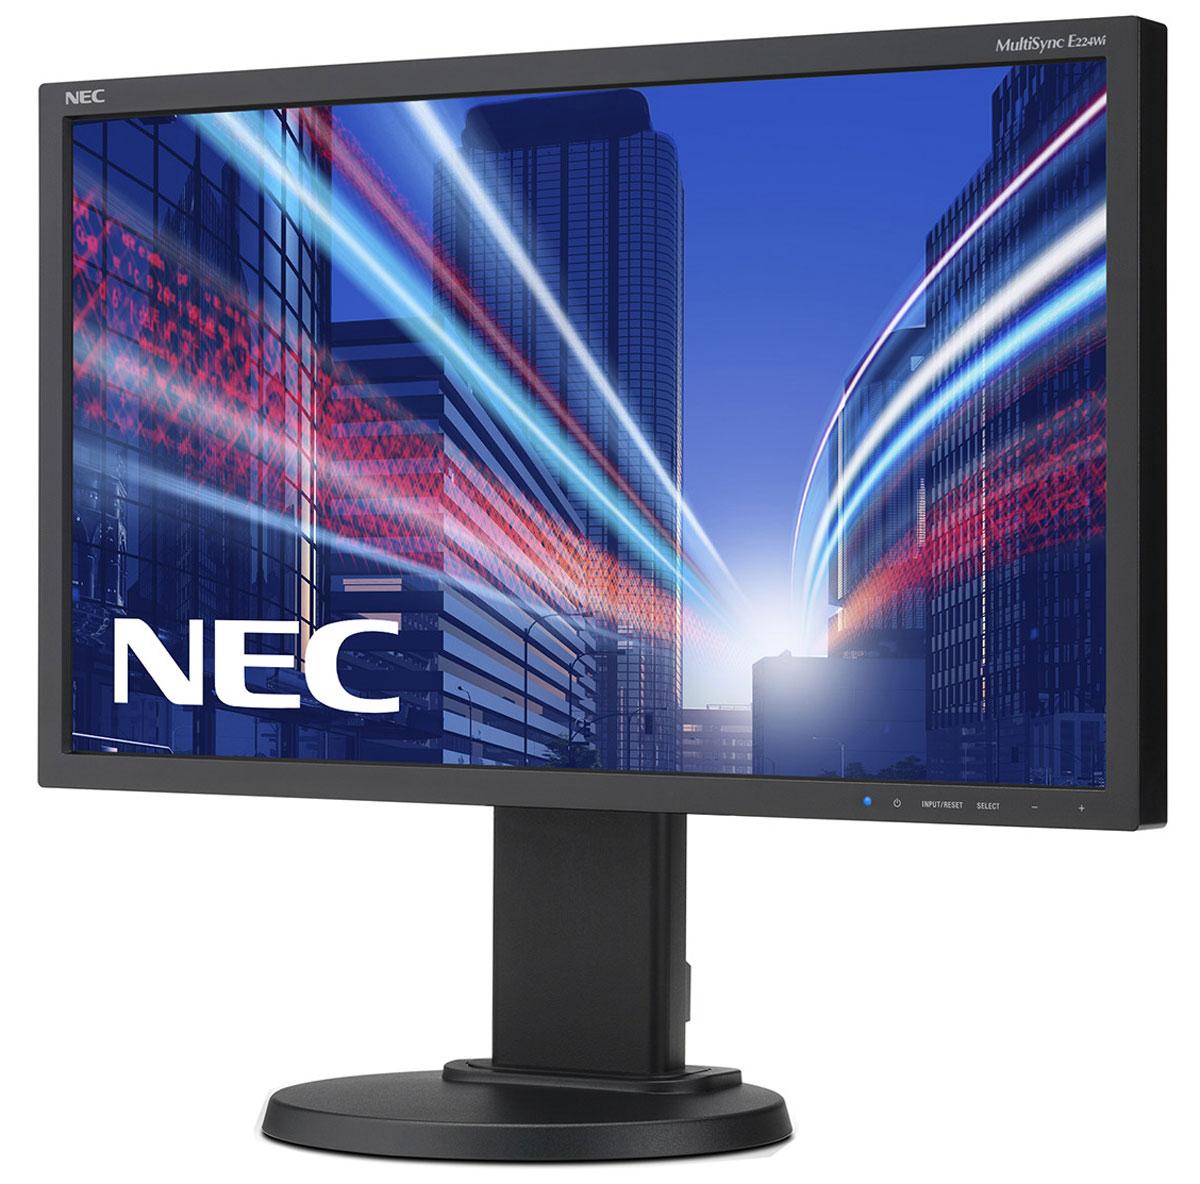 NEC E224Wi-BK, Black мониторE224Wi-BKNEC E224Wi - это профессиональный 21,5 монитор с форматом 16:9, обладающий лучшей IPS-панелью и современной энергосберегающей светодиодной подсветкой. Данный монитор также обладает современнымивозможностями подключения с помощью DisplayPort, а также удобными эргономическими характеристиками для профессиональной эксплуатации в офисах. Благодаря низкому энергопотреблению и низким эксплуатационнымрасходам этот монитор является идеальным решением для эксплуатации в профессиональных офисных условиях. Отличные эргономические характеристики обеспечивают удобство в обращении и позволяют повыситьпроизводительность. Идеальный дисплей для эксплуатации в офисах компактных размеров!